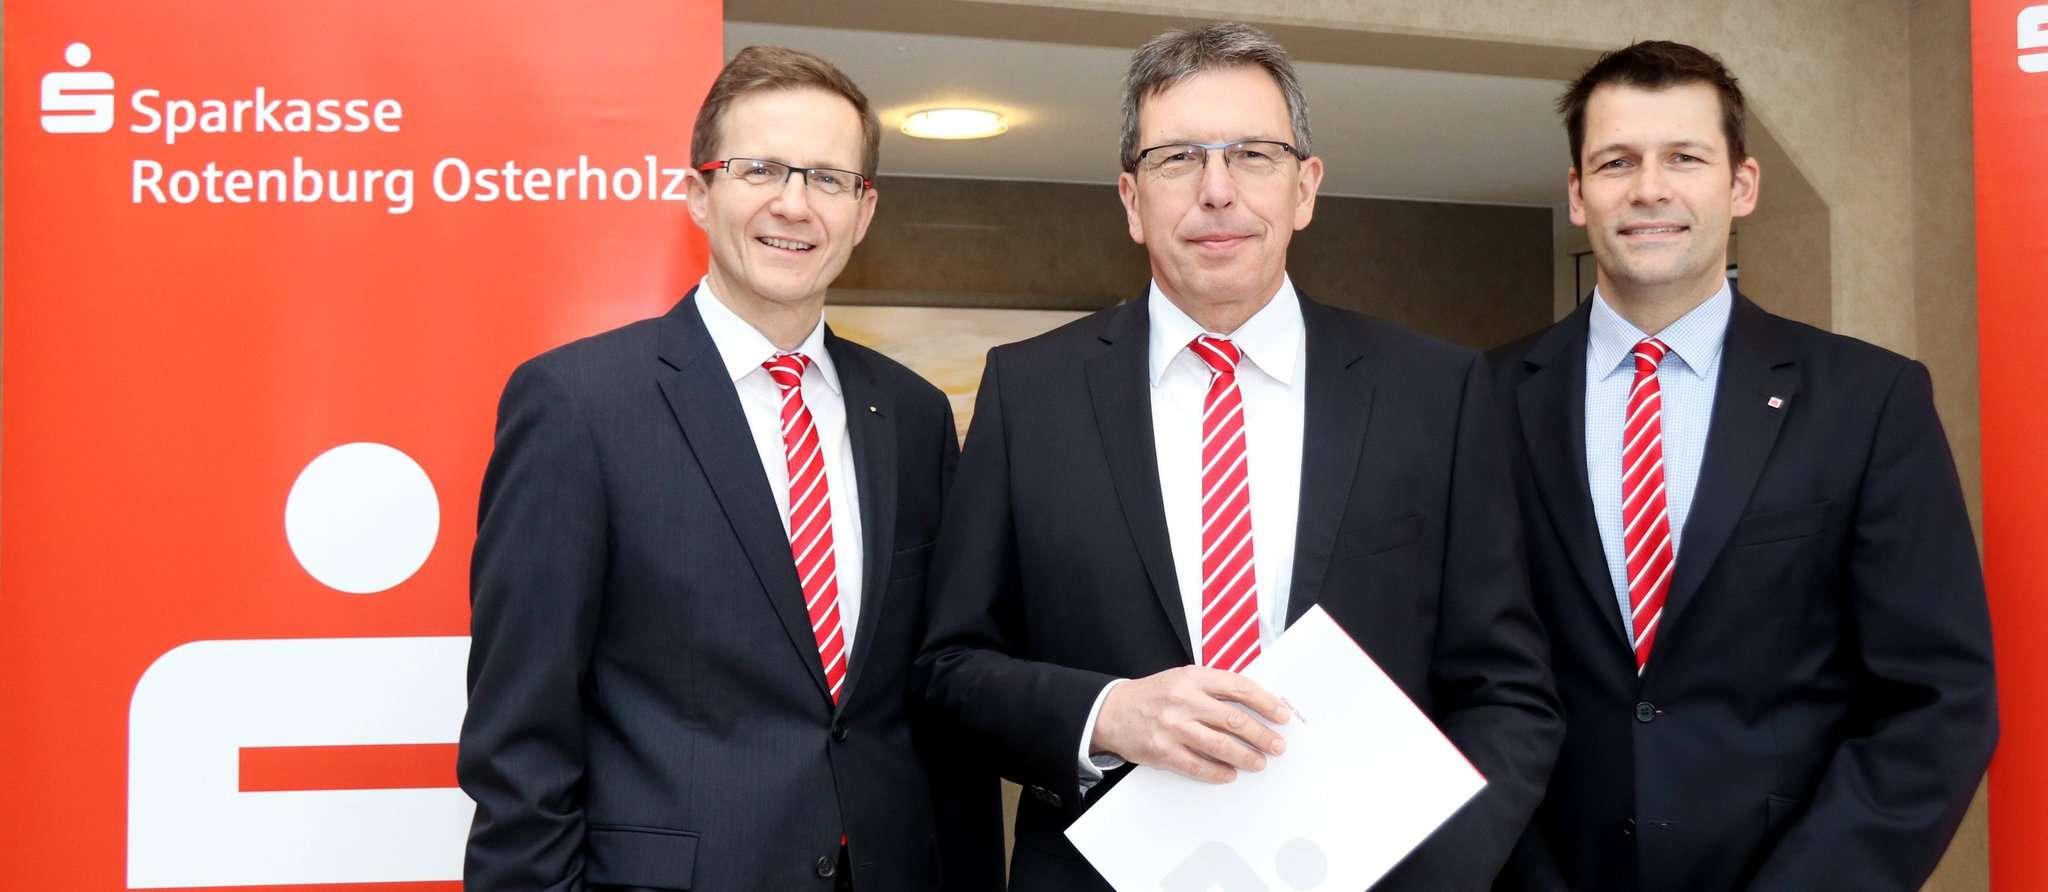 Stefan Kalt (von links), Ulrich Messerschmidt und Vorstandsmitglied Thorben Prenntzell sind mit dem ersten Jahr nach der Fusion zufrieden. Foto: Nina Baucke